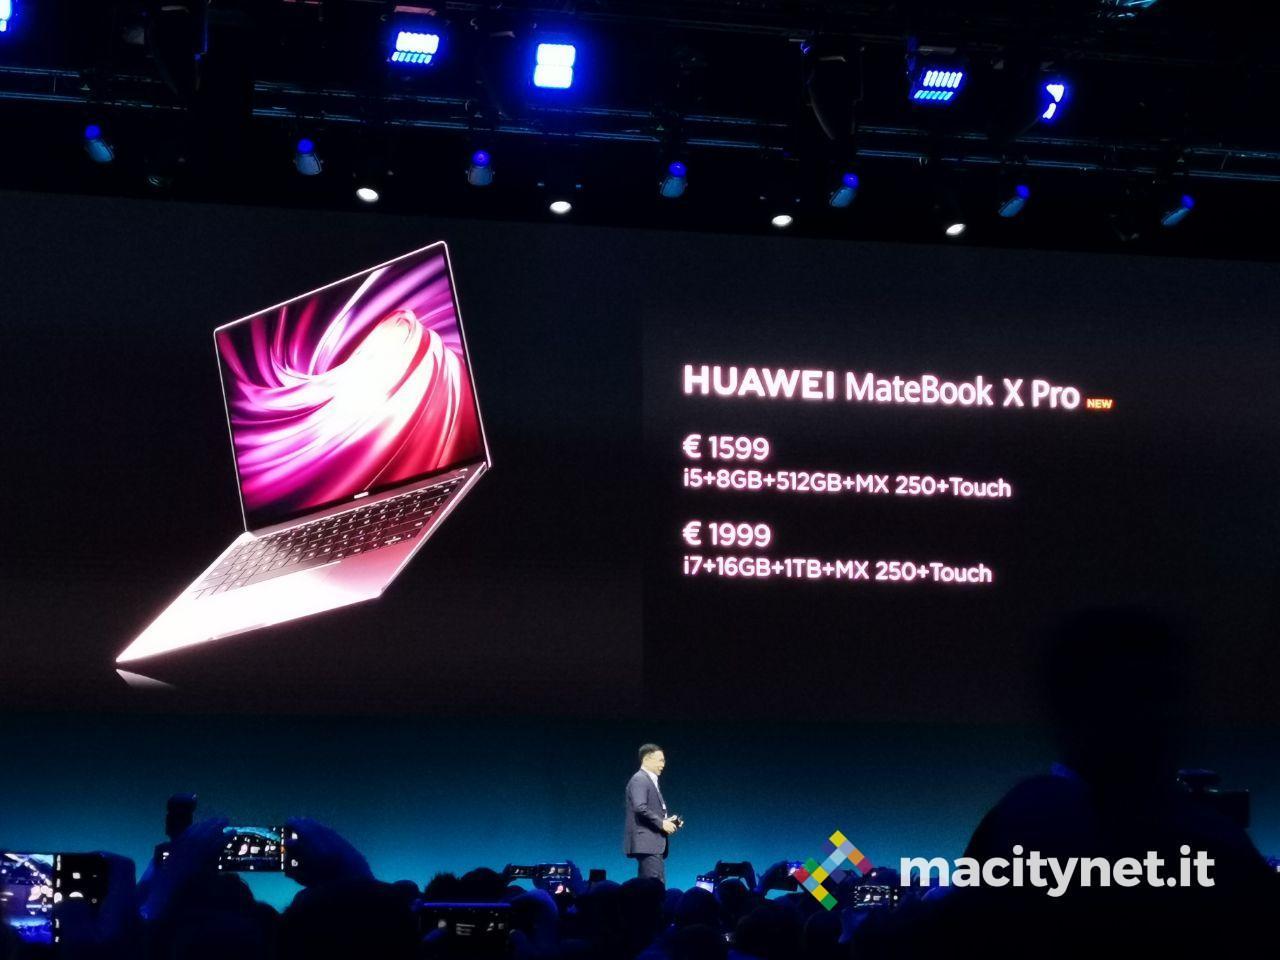 Al MWC 2019 Huawei Matebook X Pro 2019 , velocissimo e piu sottile di un Macbook Pro